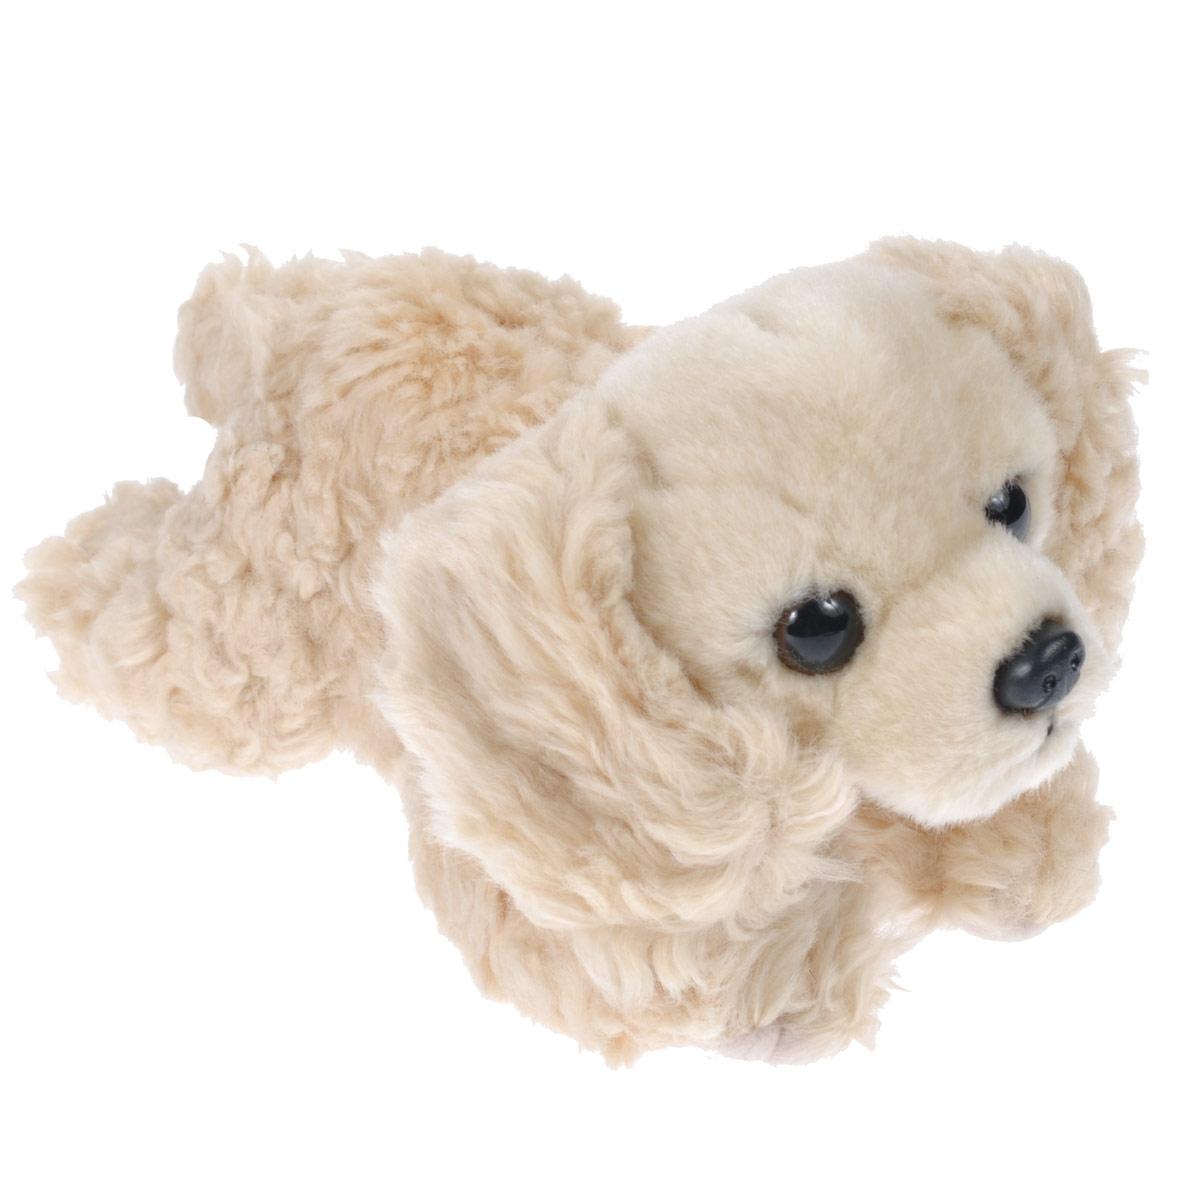 Купить Мягкая игрушка Aurora Бордер Кокер-спаниель , цвет: песочный, 22 см, Мягкие игрушки